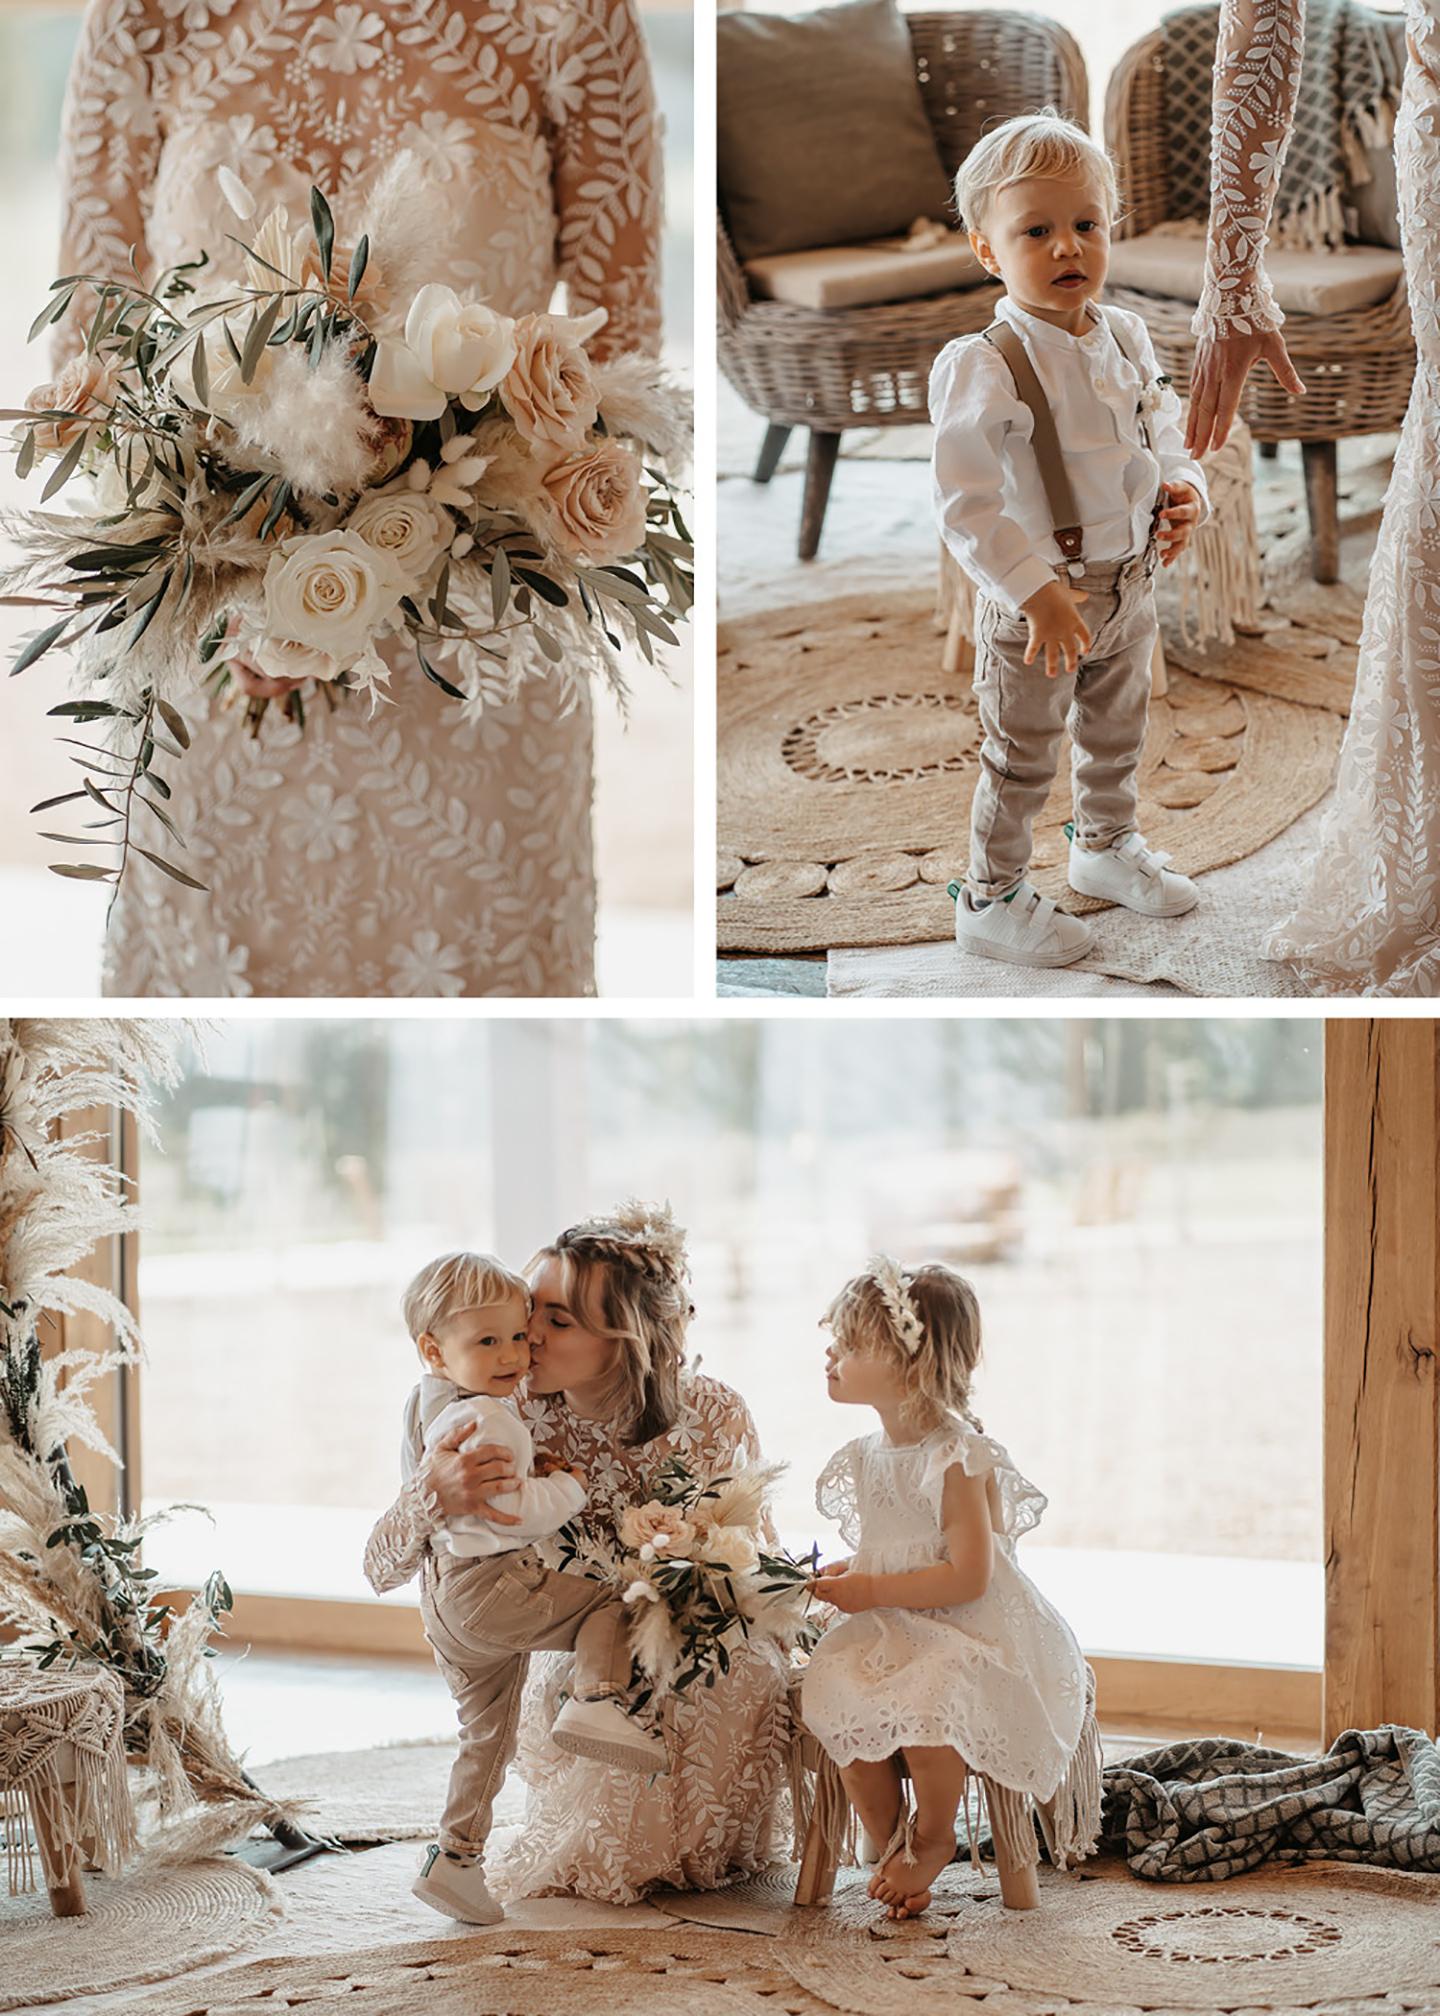 Die Collage aus drei Bildern zeigt Impressionen aus dem Shooting der Braut mit ihren zwei kleinen Kindern. Überall ist die Hochzeit mit Pampasgras dekoriert.